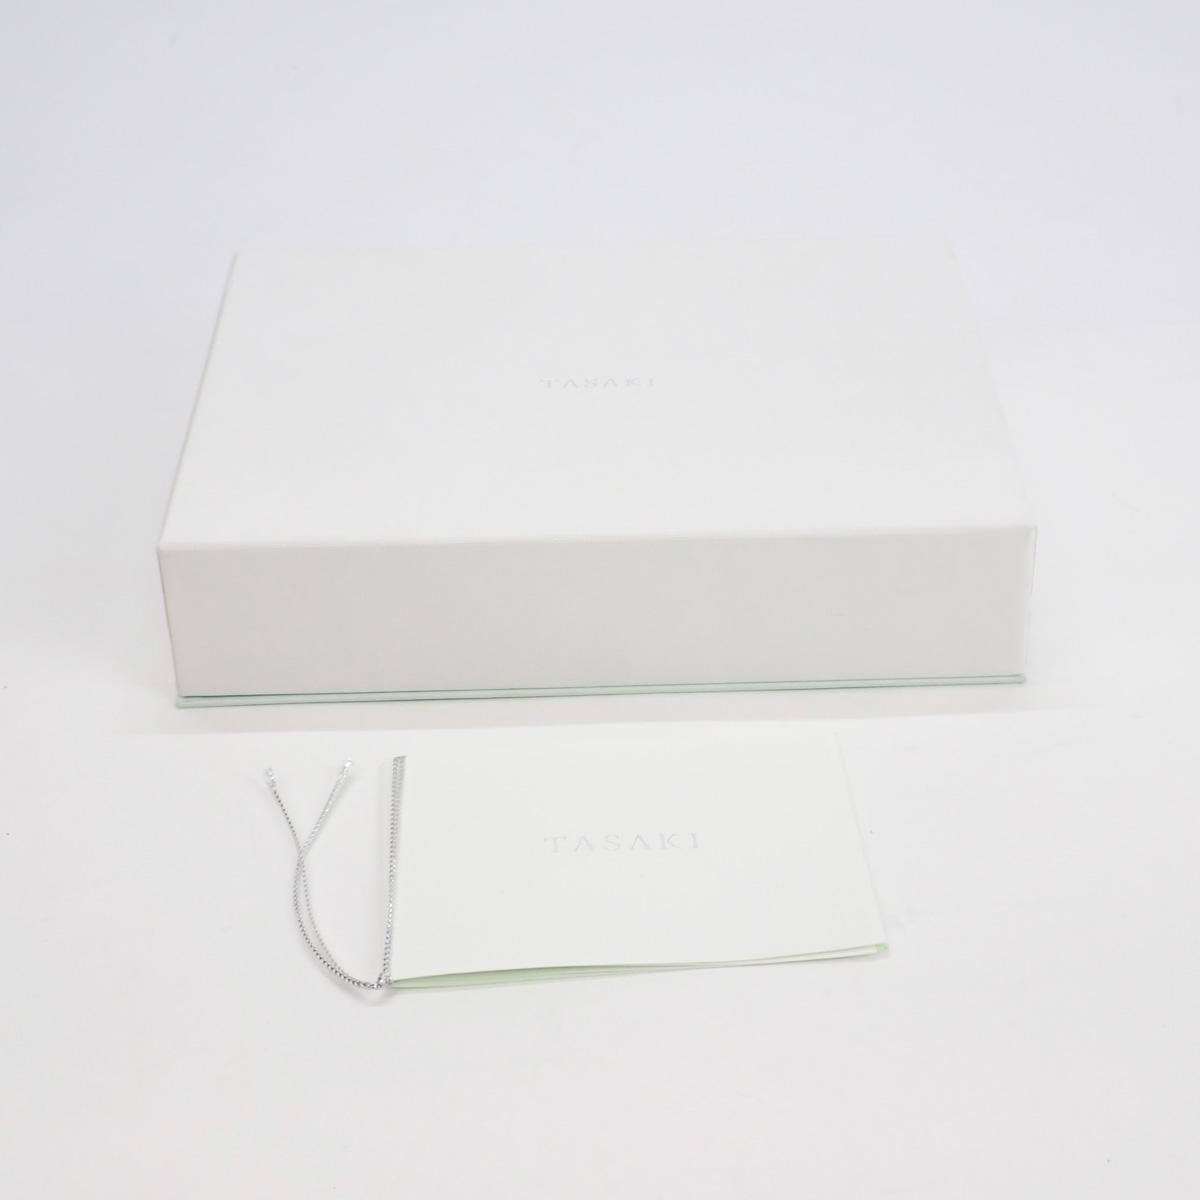 【辛口評価】【Aランク】TASAKI タサキ K18YG カラーストーンネックレス ペンダント ガーネット シトリン ペリドット ムーンストーン PI-15167